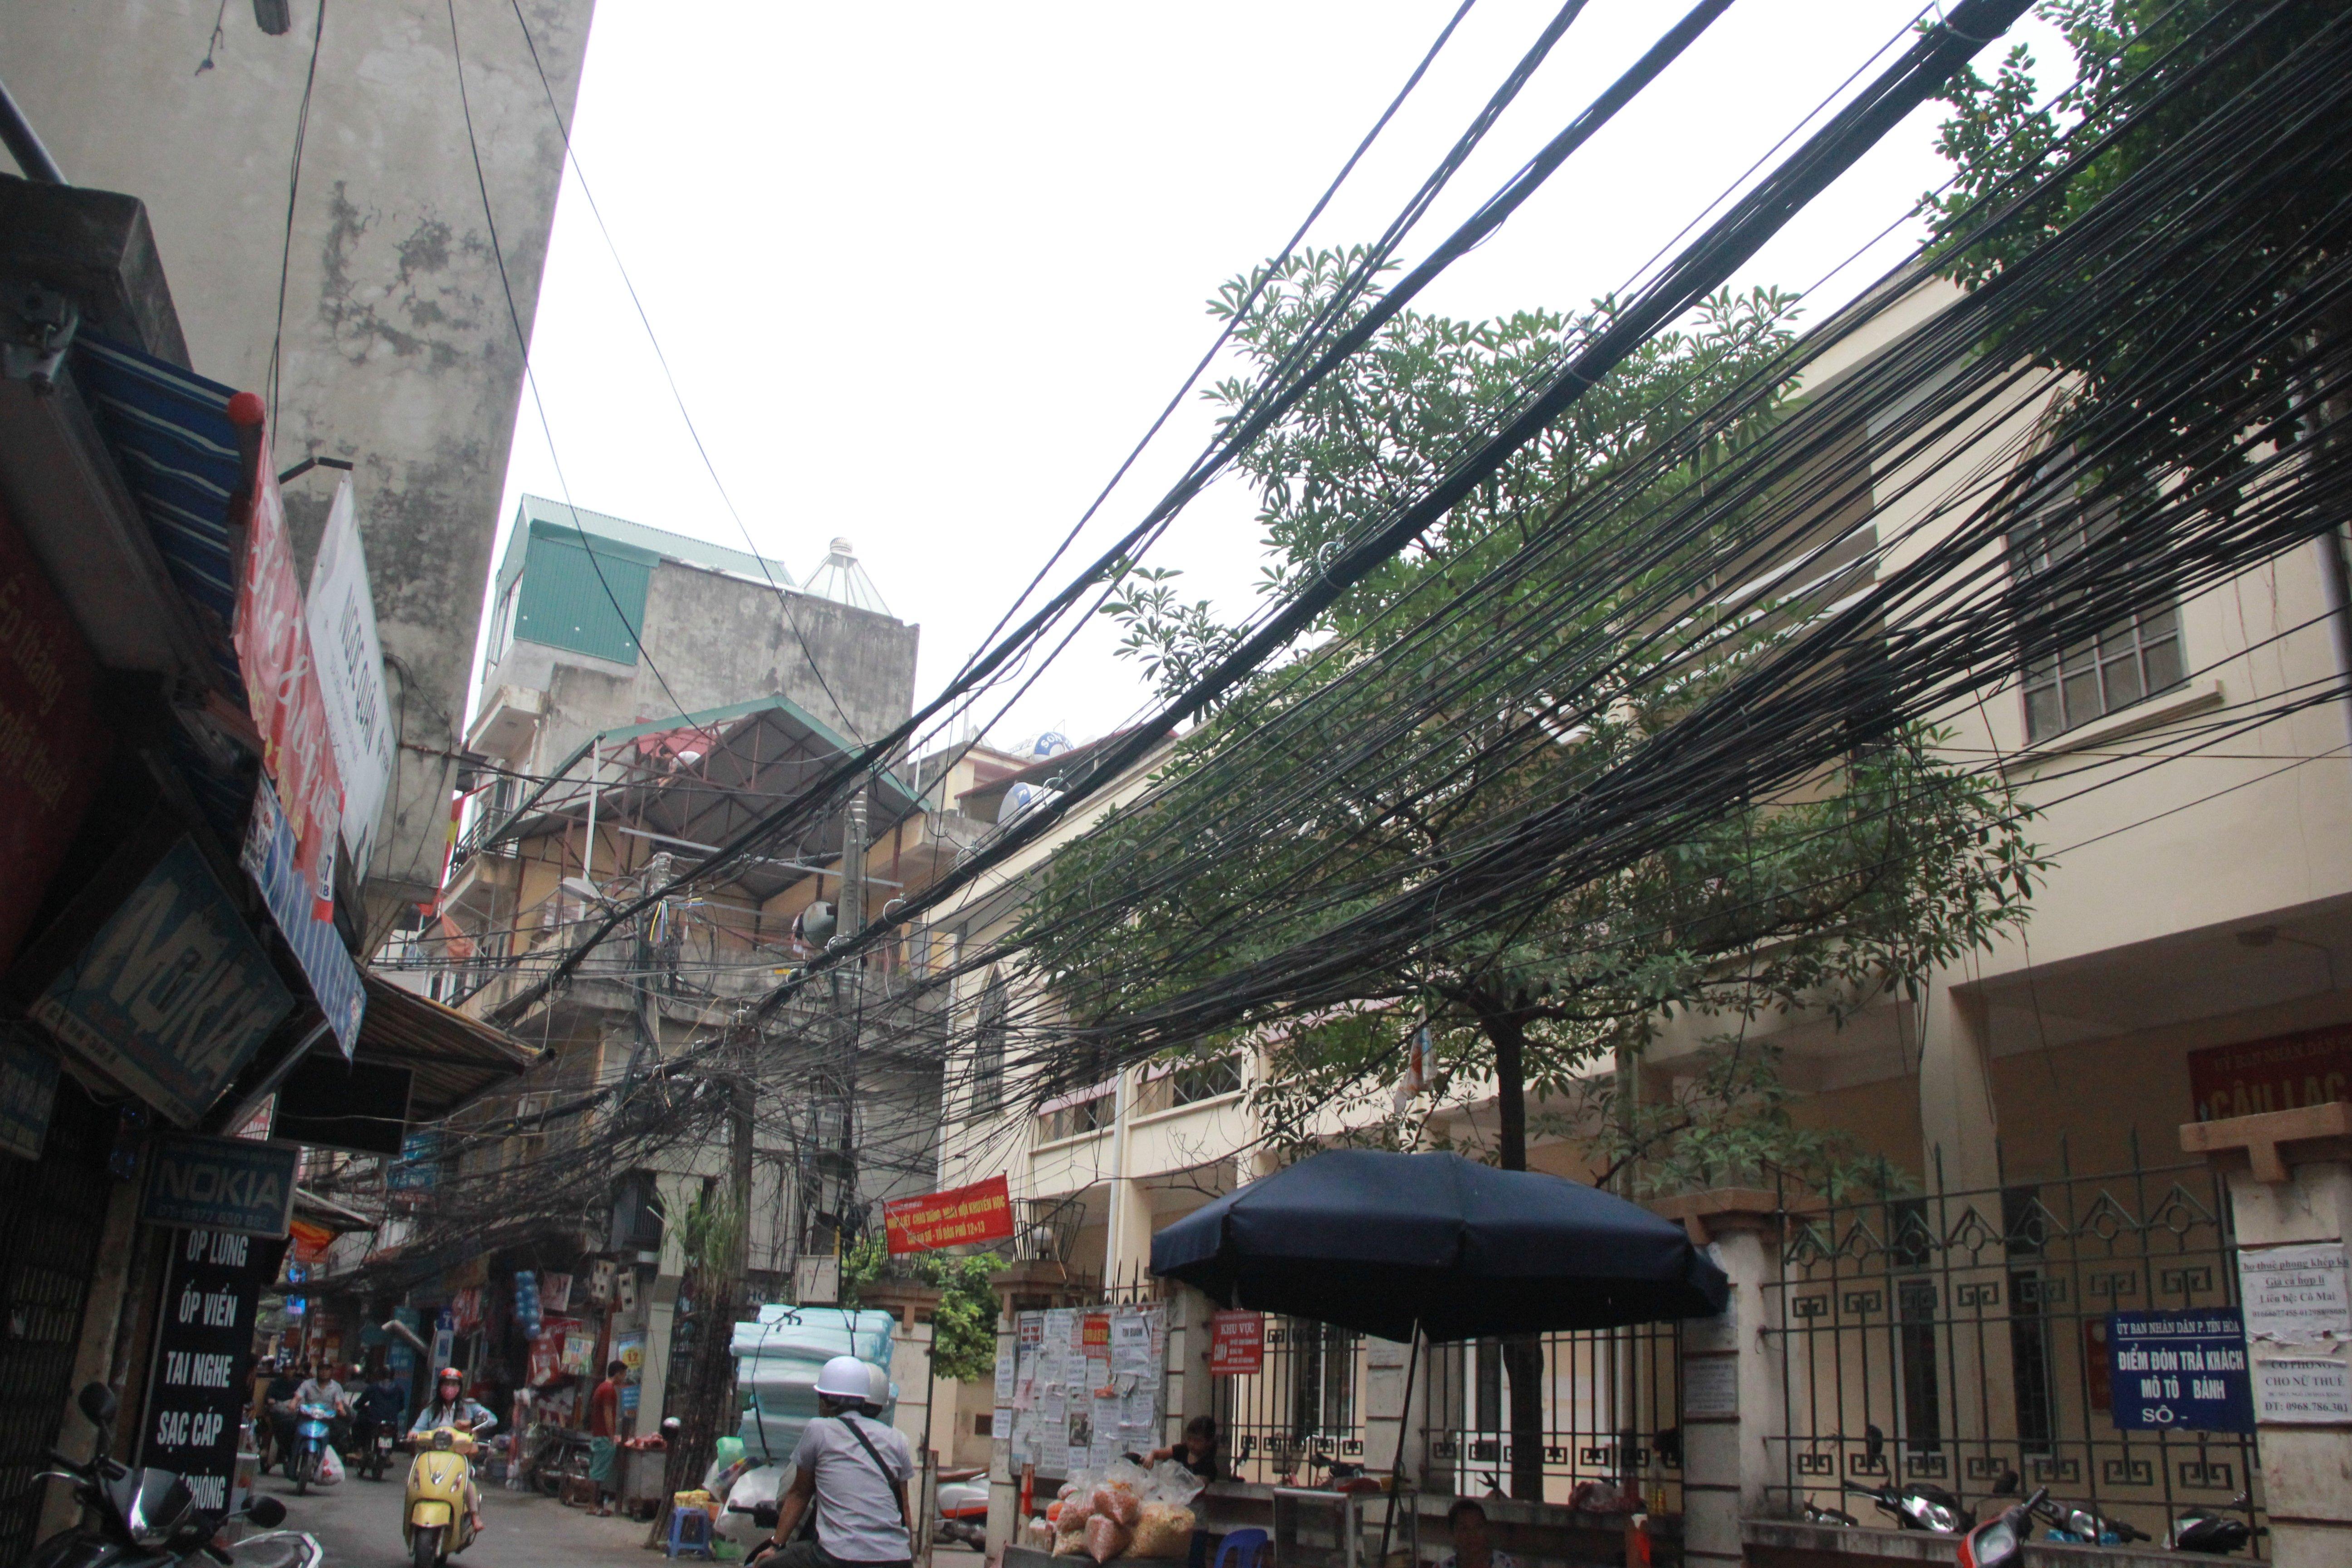 Hình ảnh Cận cảnh dọn ổ mạng nhện khổng lồ ở Hà Nội số 7